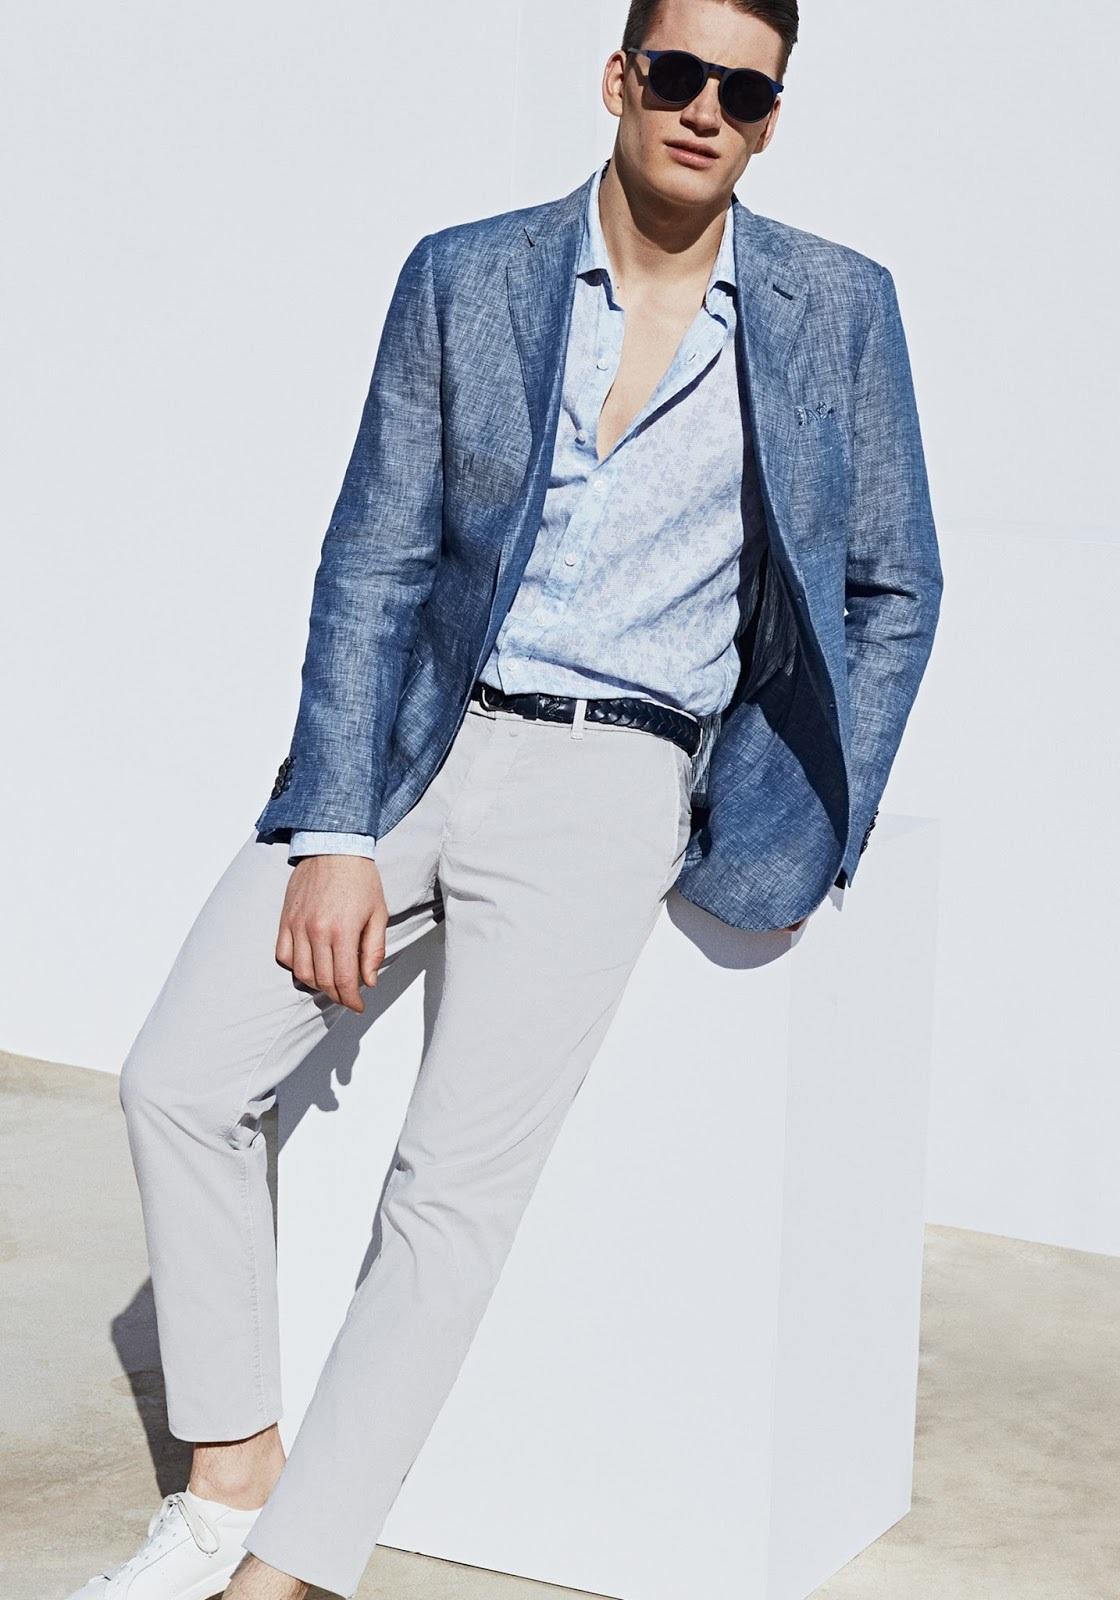 какой блейзер одеть под белоснежные штаны и сине-белые туфли мужчина